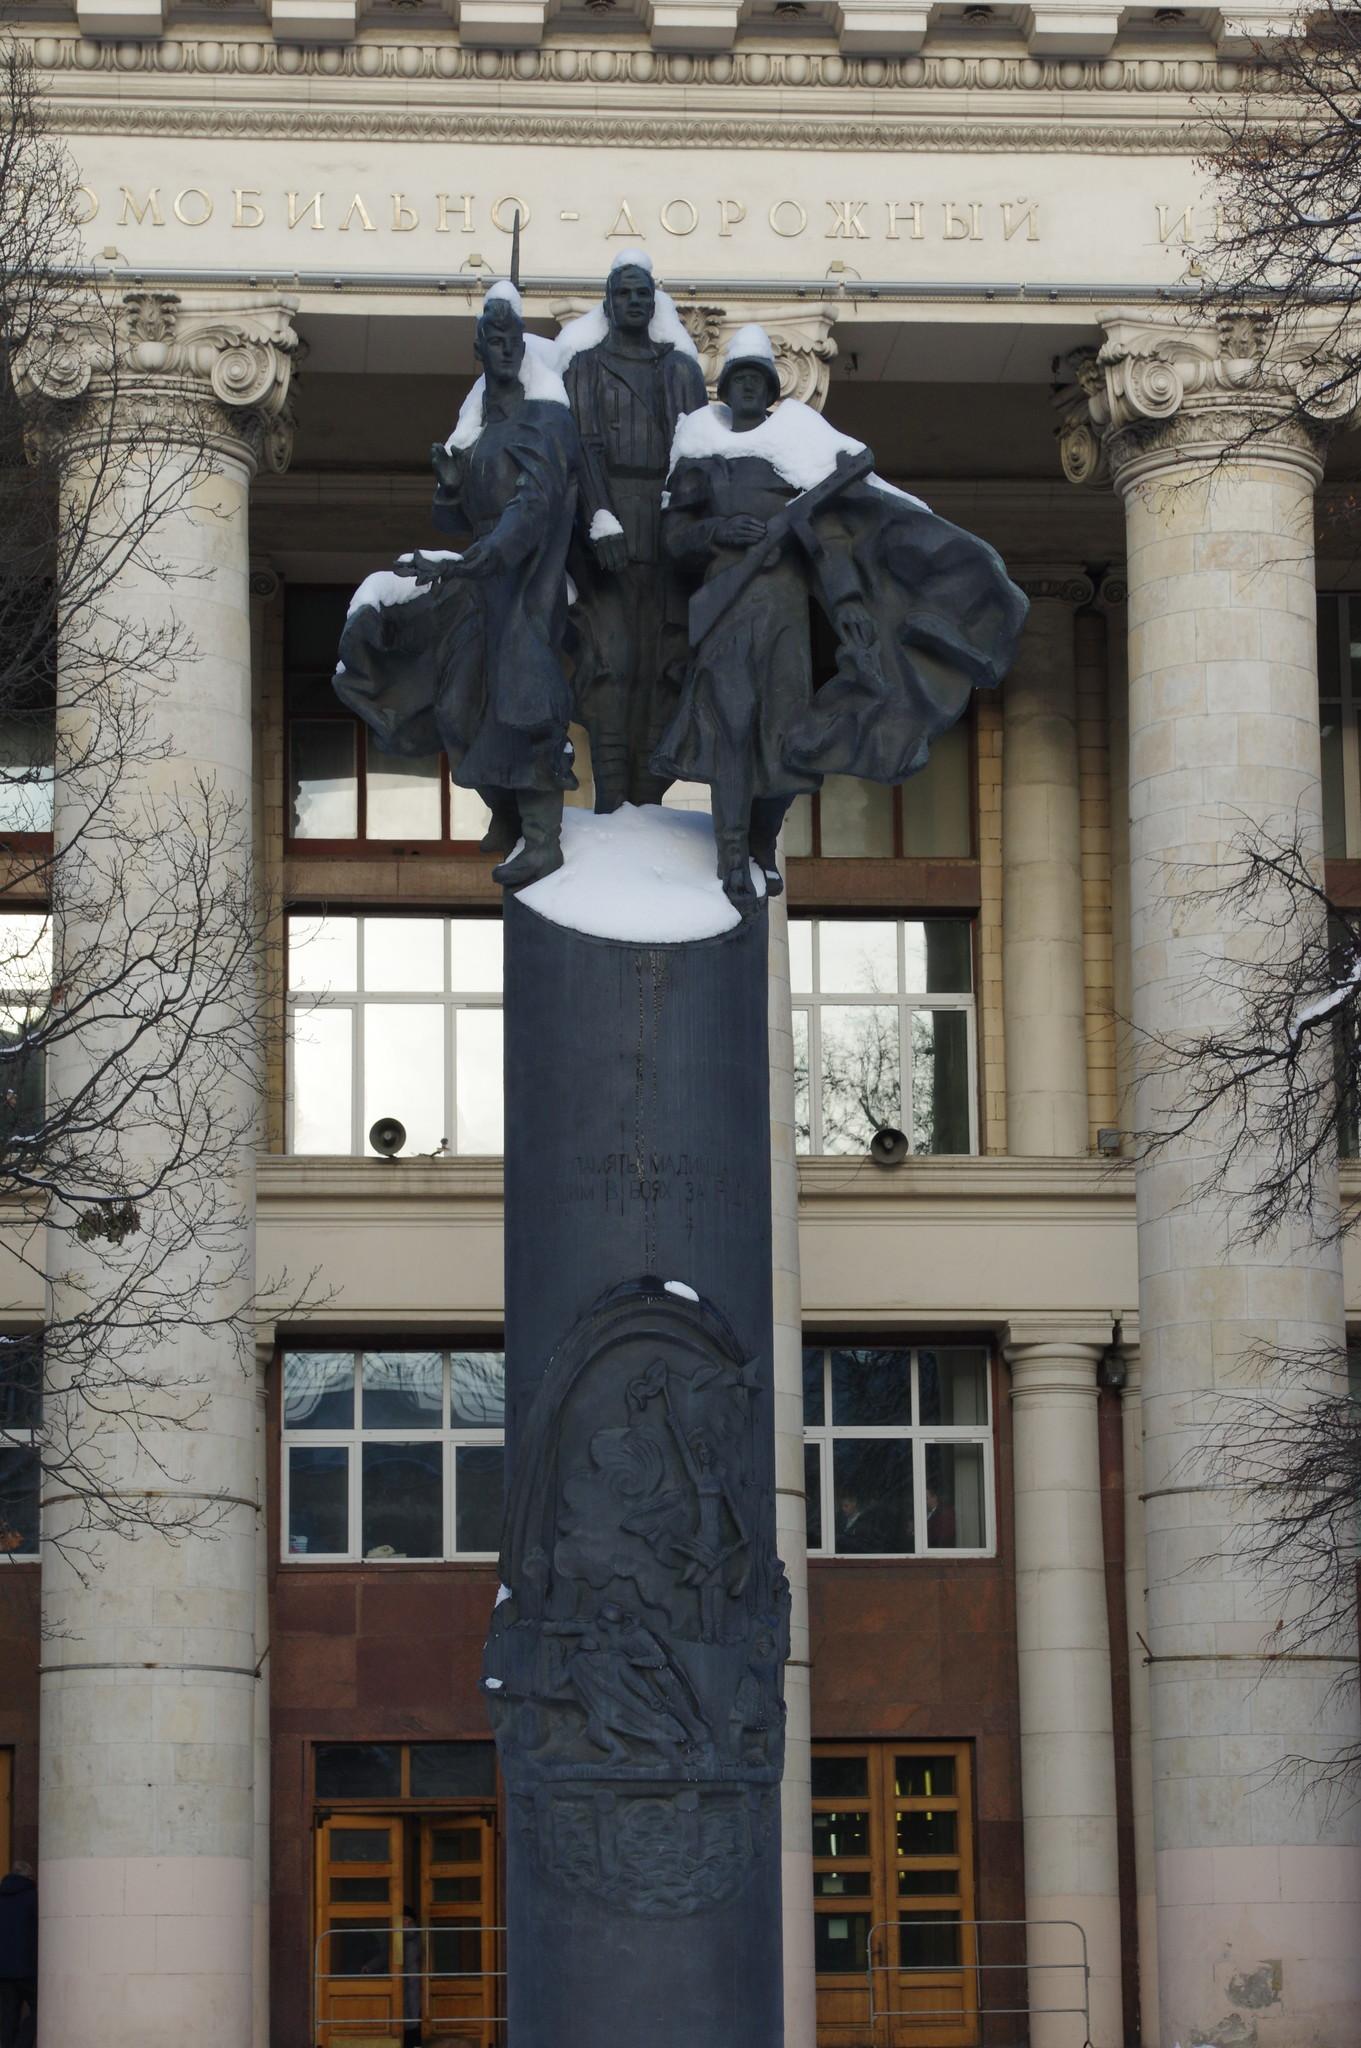 Памятник преподавателям и студентам МАДИ, погибшим в Великой Отечественной войне